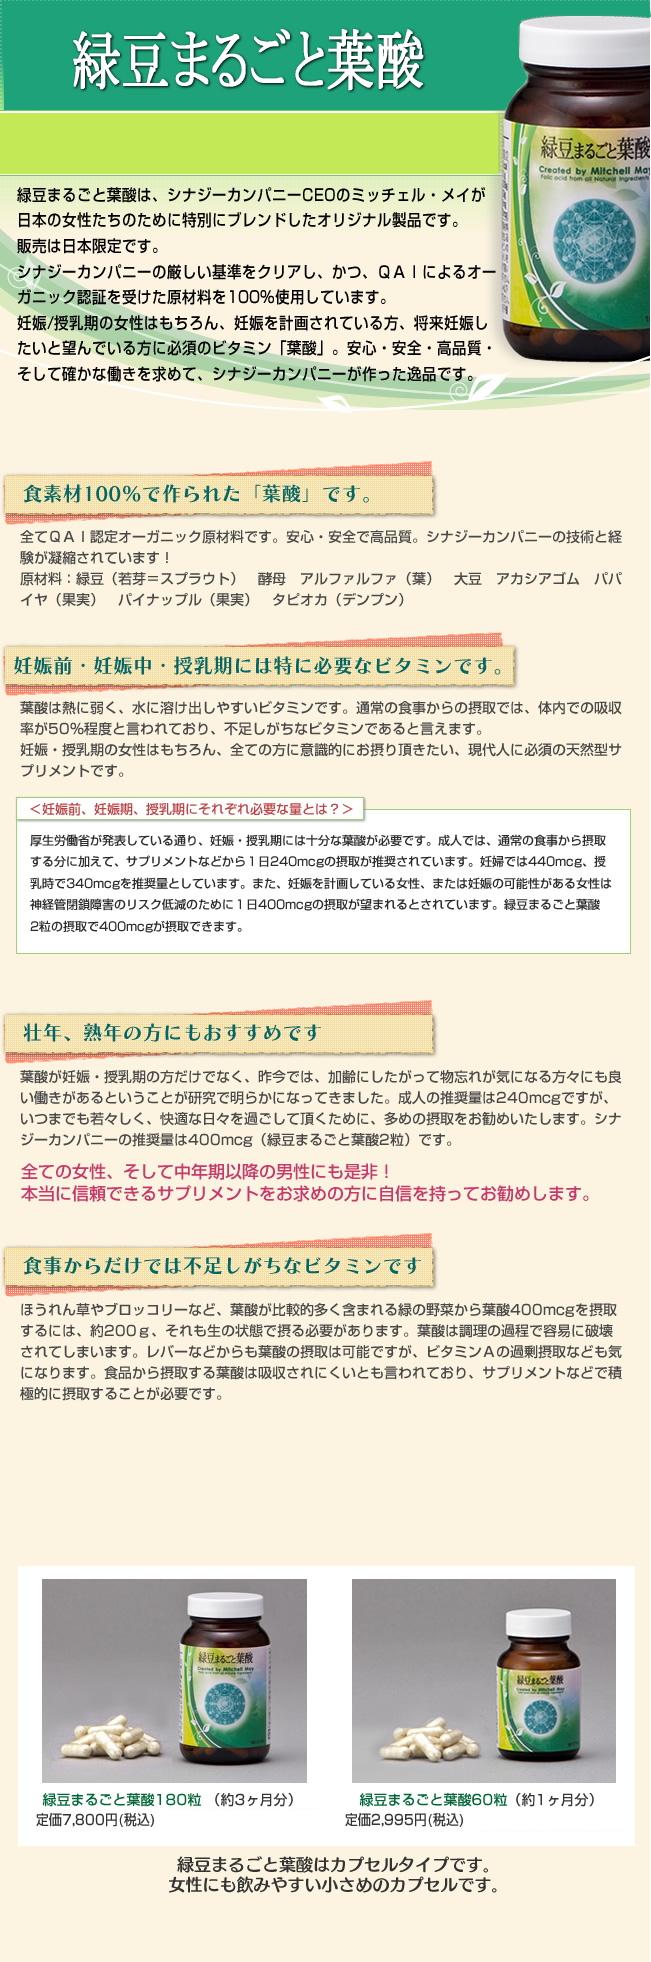 「緑豆まるごと葉酸」は、シナジーカンパニーCEOのミッチェル・メイが、日本の女性達のために特別にブレンドしたオリジナル製品です。妊娠・授乳期の女性はもちろん、妊娠を計画されている方、将来妊娠したいと望んでいる方に必須のビタミン「葉酸」。安心・安全・高品質・そして確かな働きを求めてシナジーカンパニーが作った逸品です。